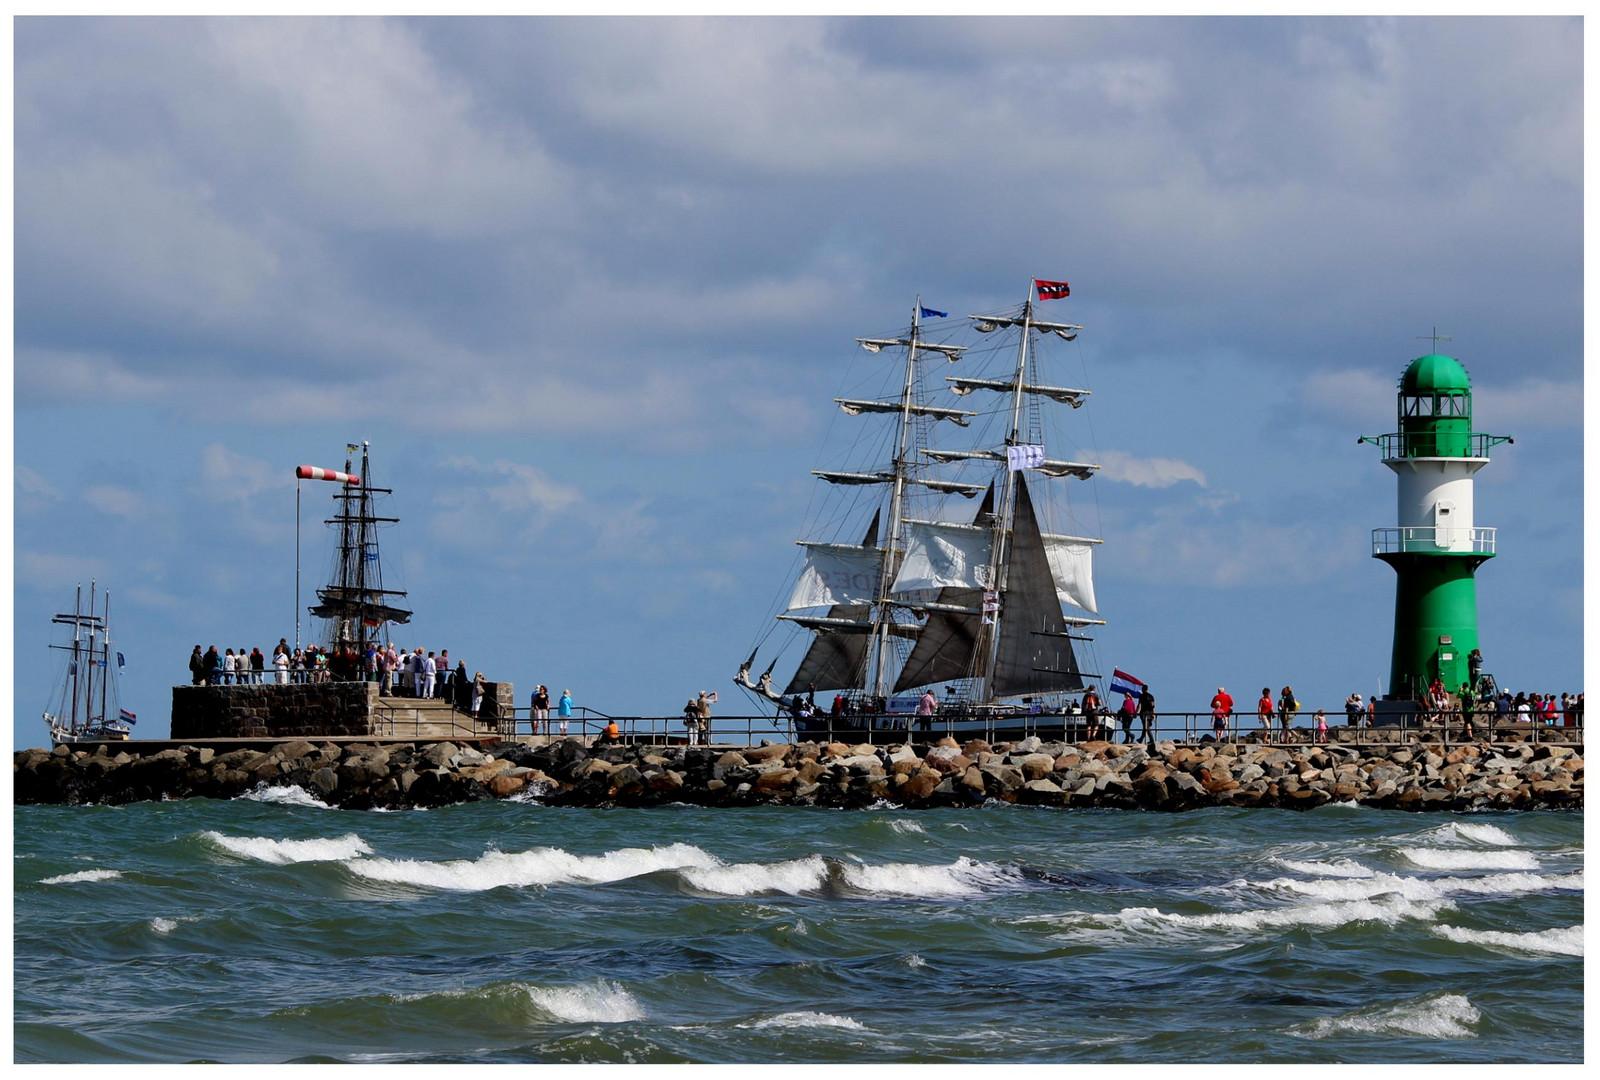 Grüße von der Hanse Sail 2013